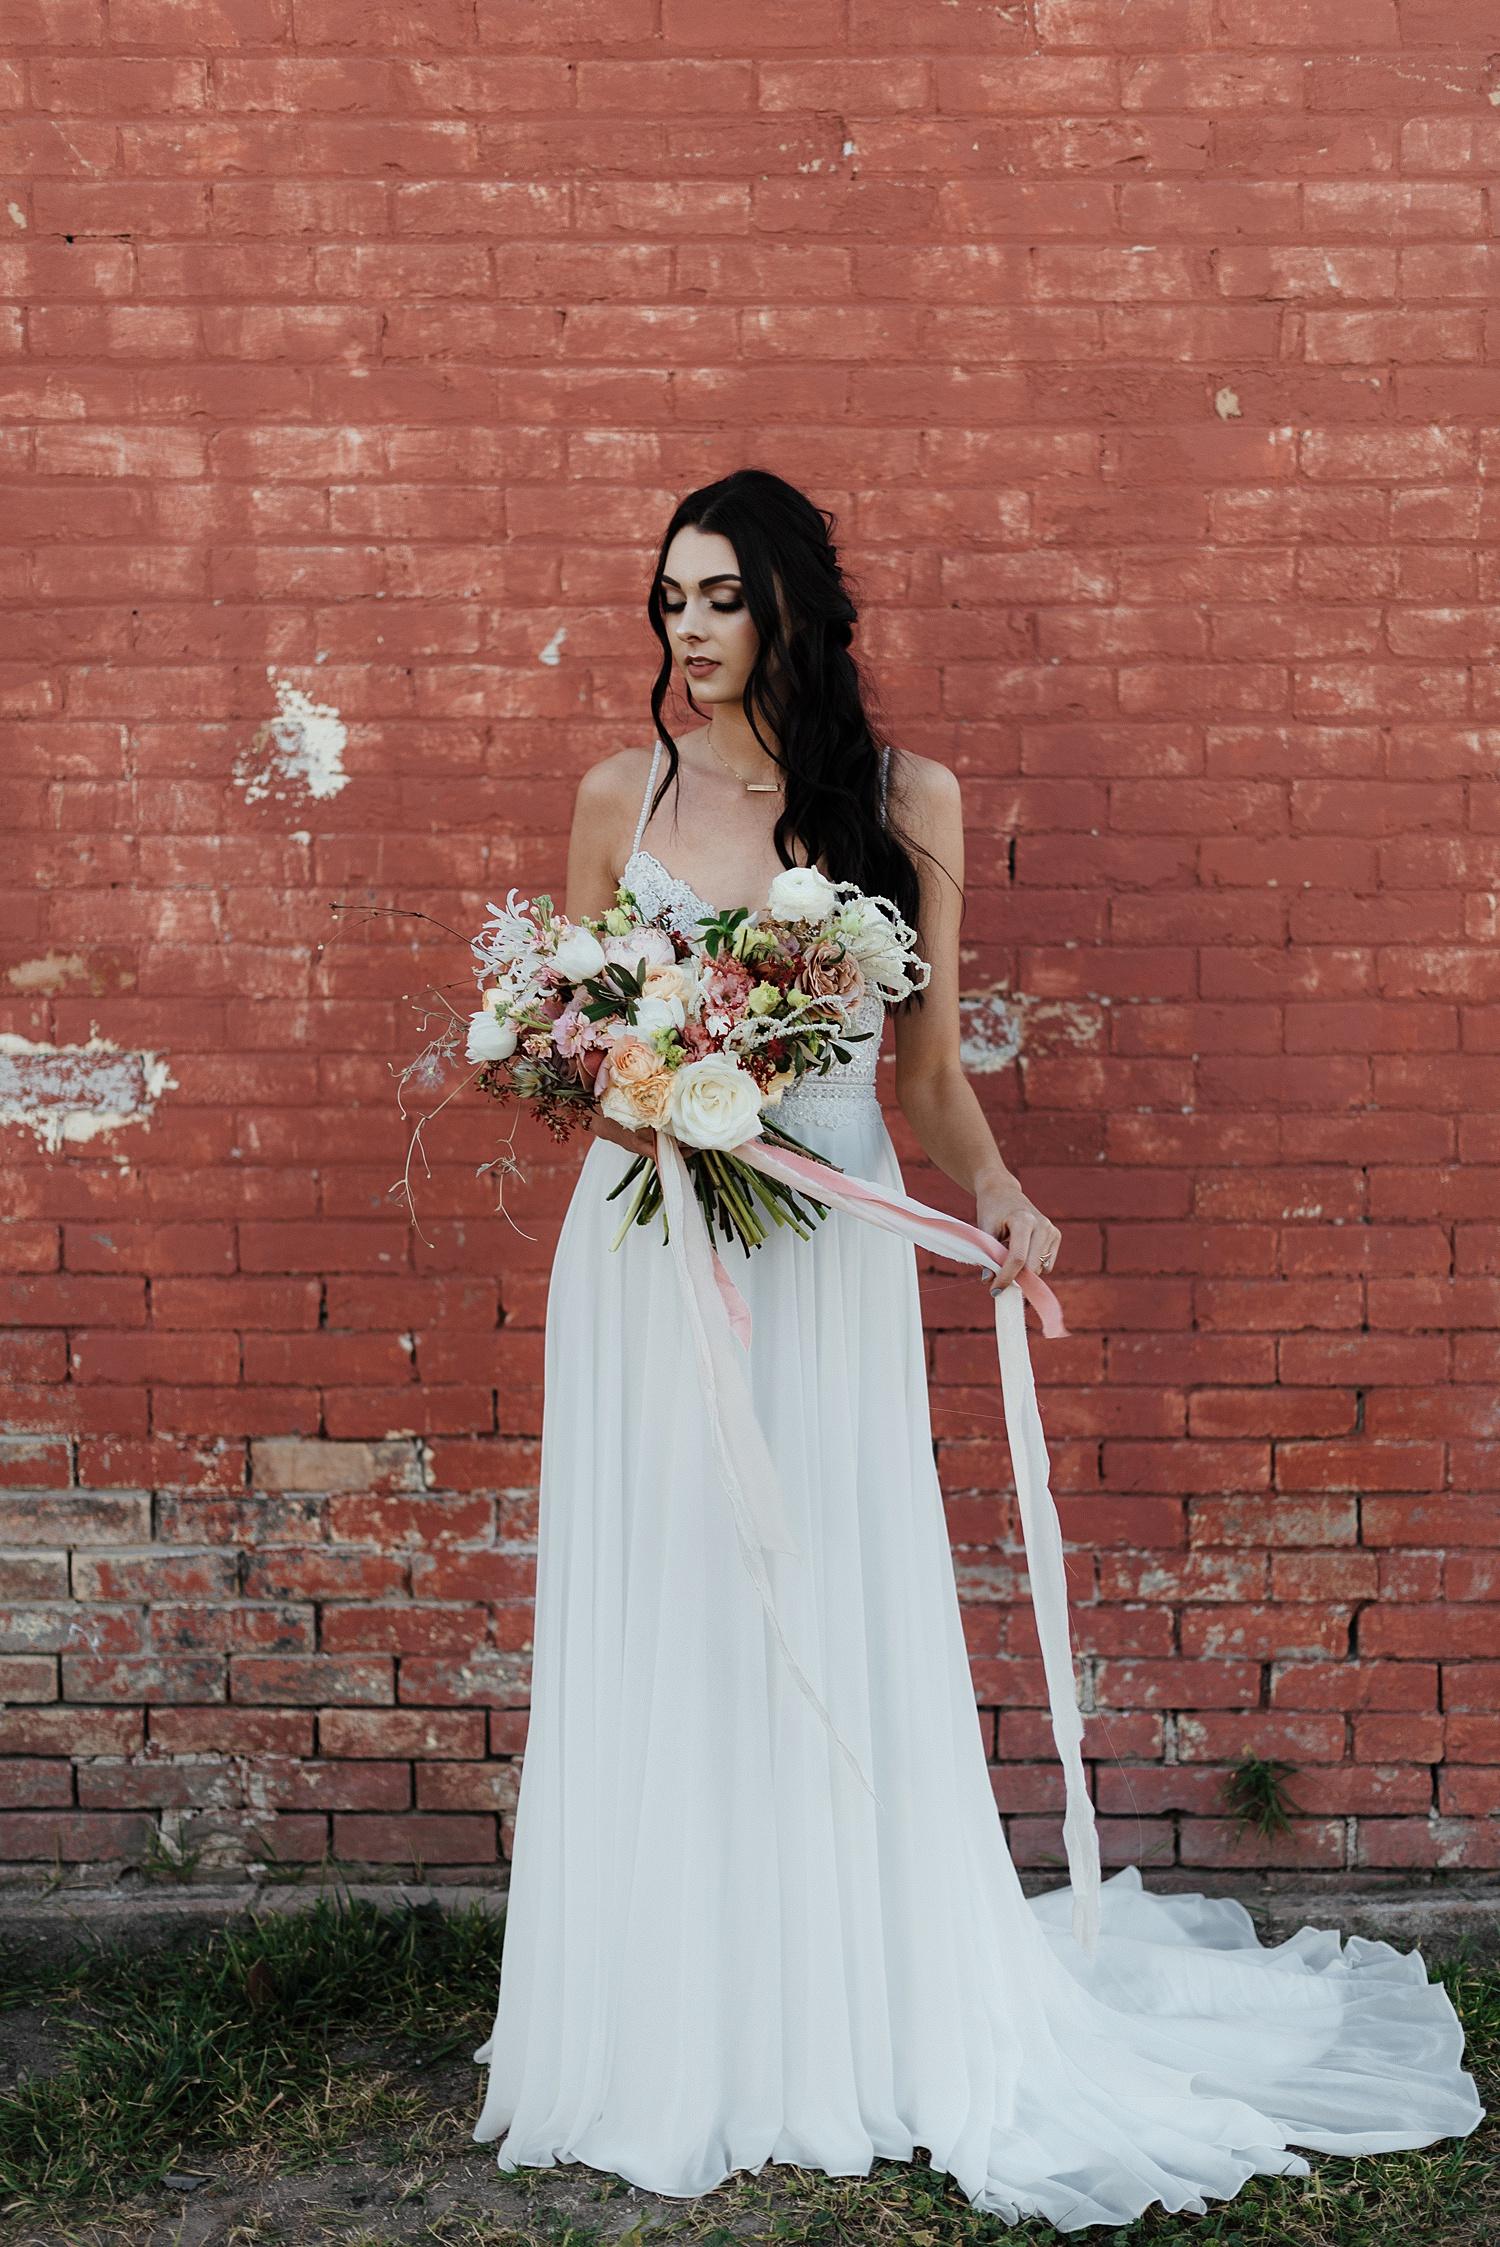 Zandra Barriga Photo - Potted Pansy 1 on 1_0005.jpg